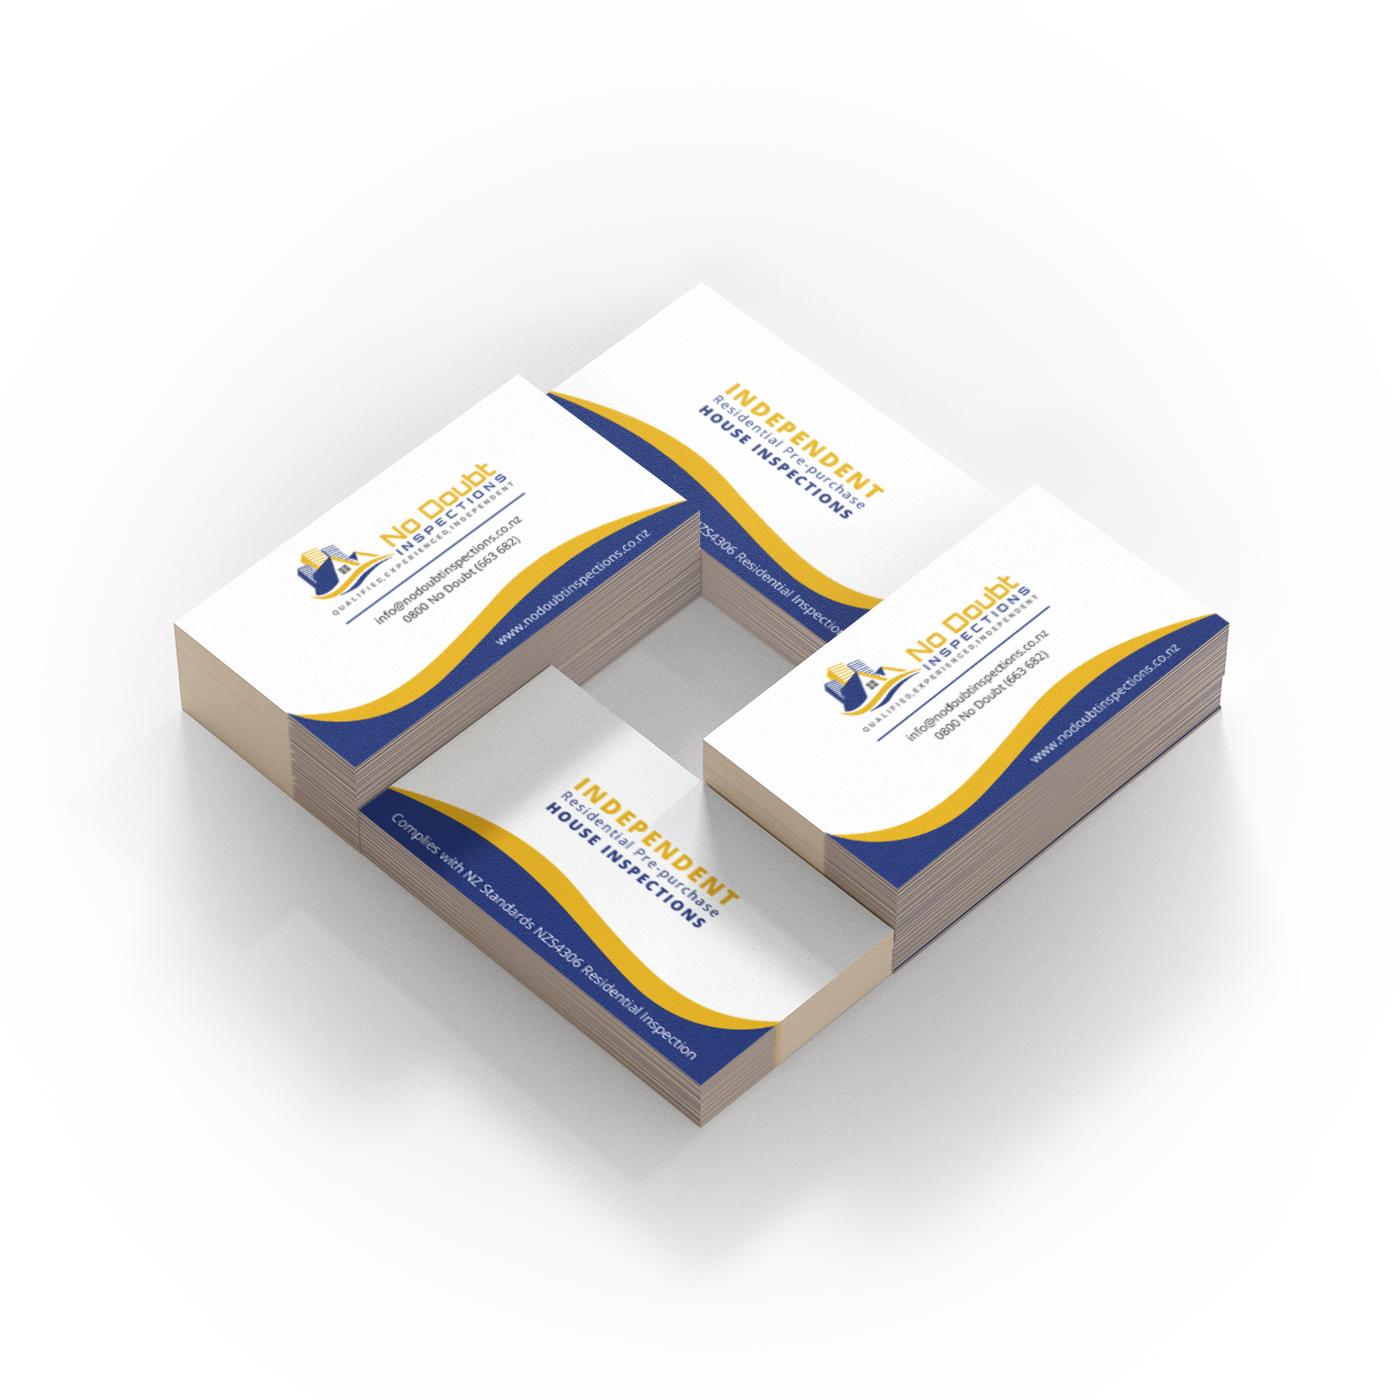 Business card design for No Doub